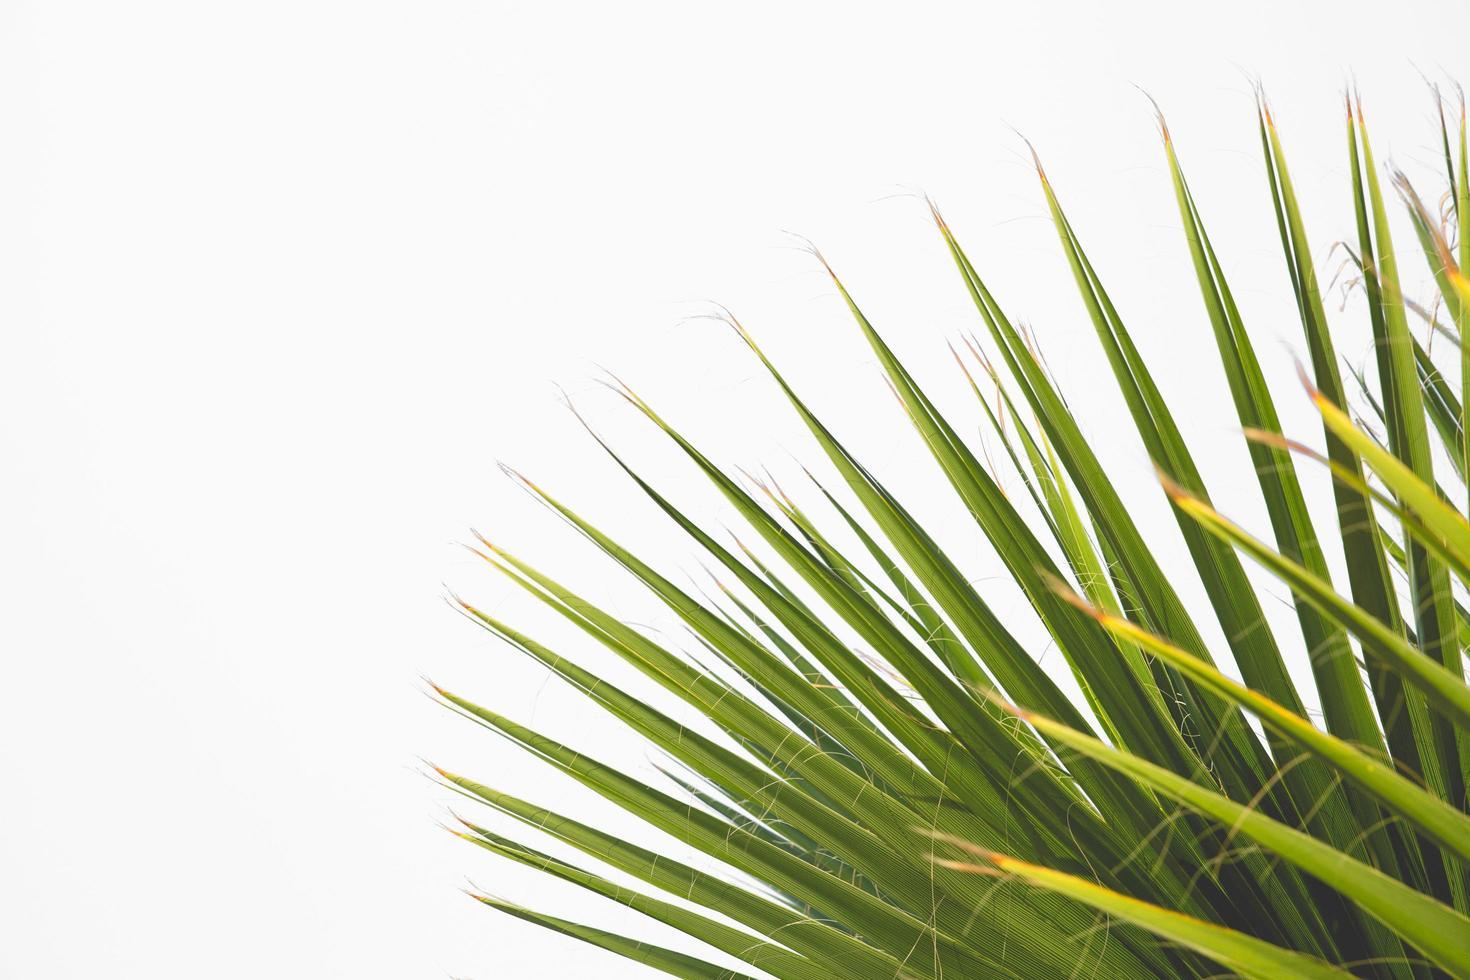 gröna växtblad foto